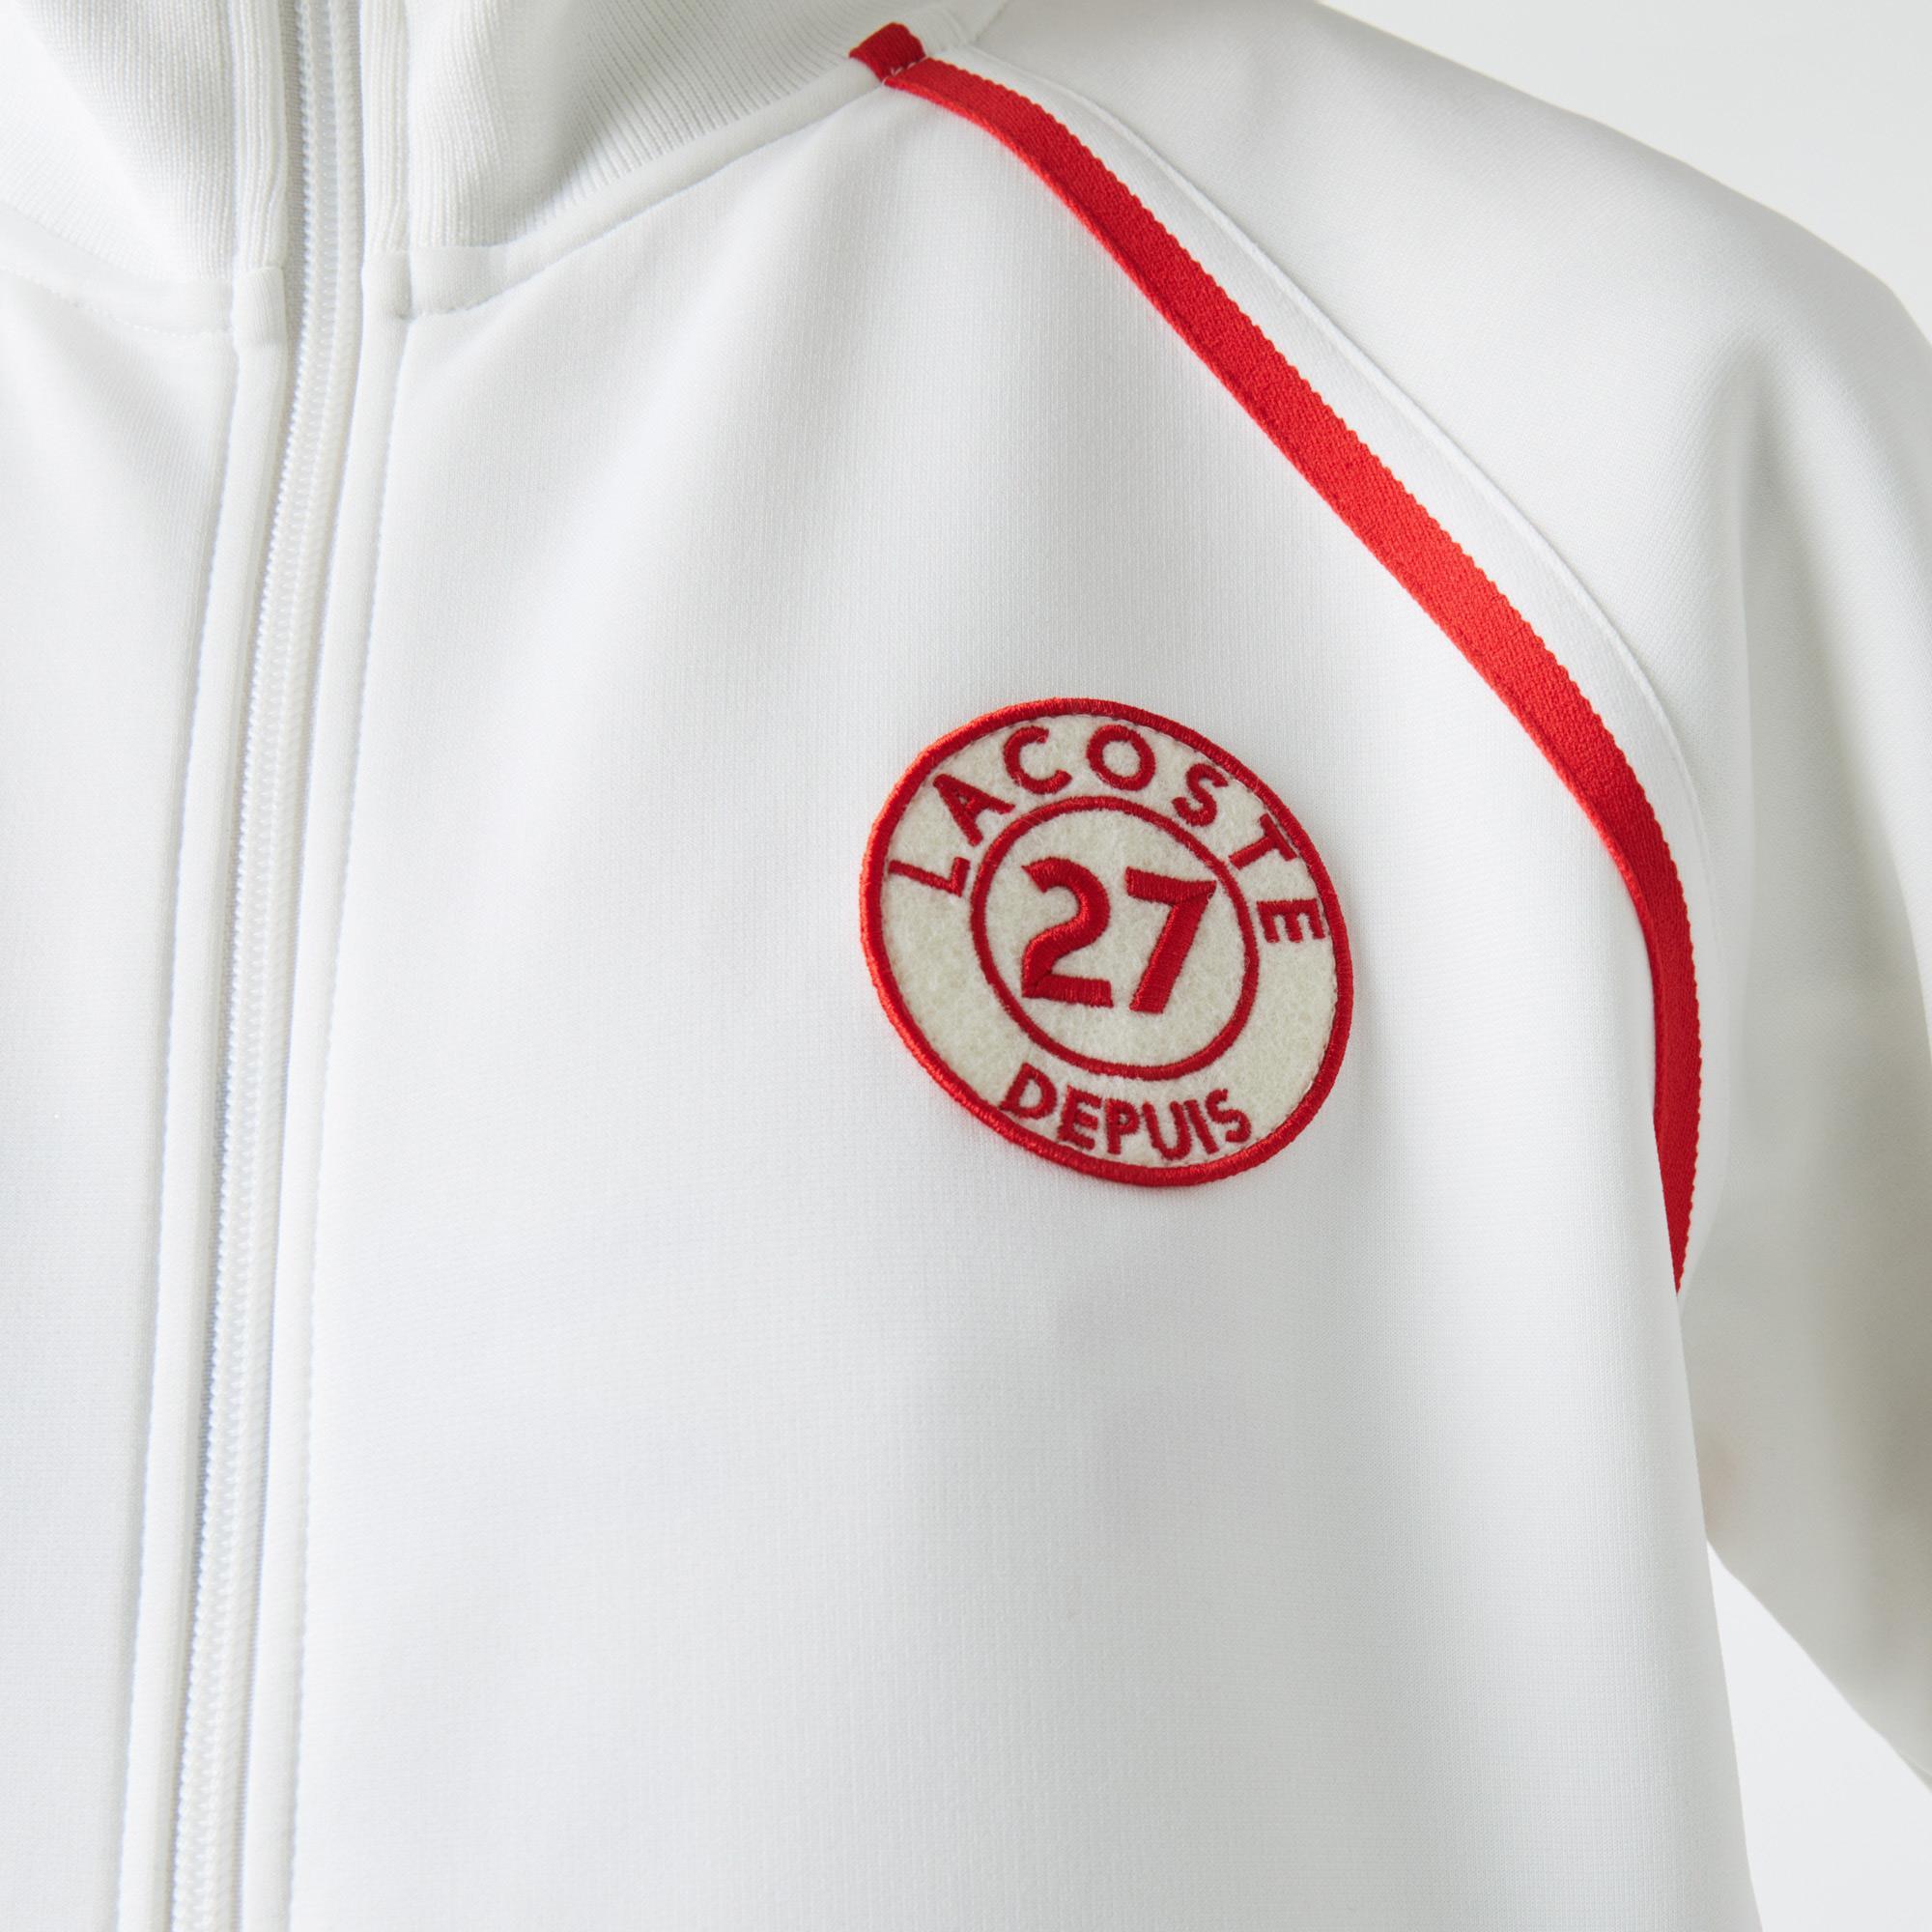 Lacoste Kadın Fermuarlı Beyaz Sweatshirt